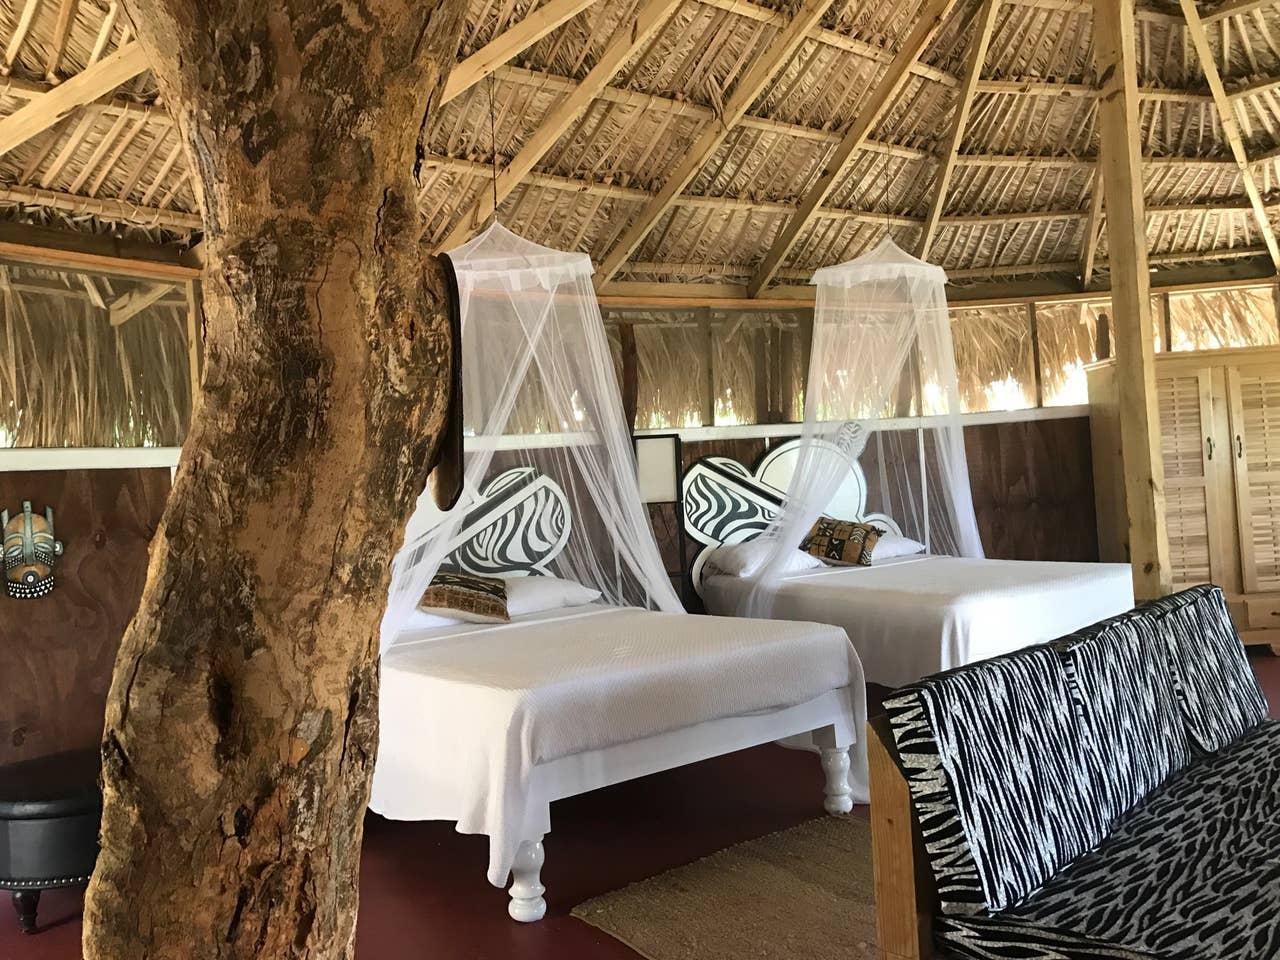 Mandela Great Hut - Best Jamaica Airbnbs